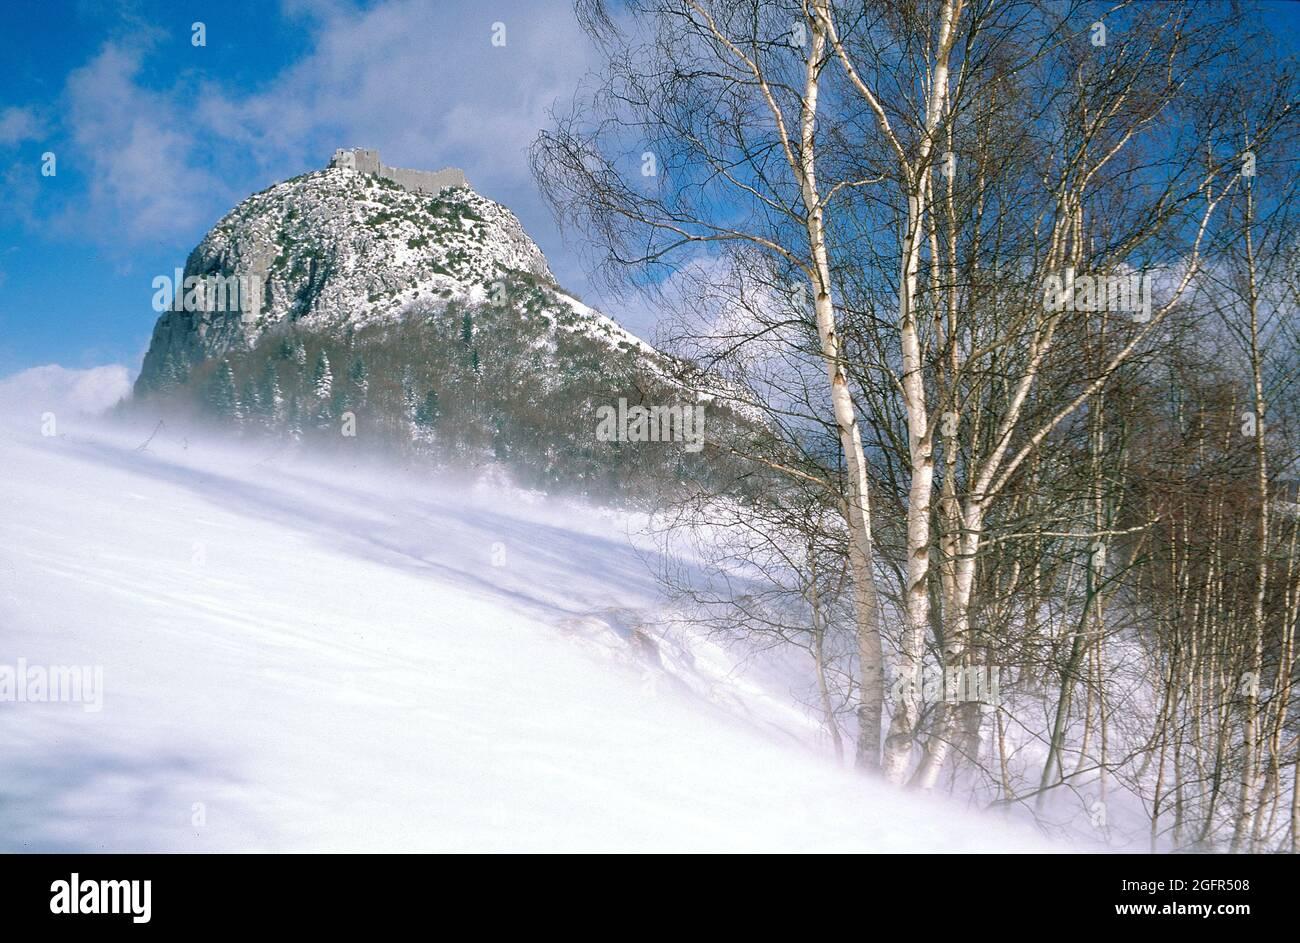 France. Ariège (09) Cathar castle of Montsegur under the snow Stock Photo